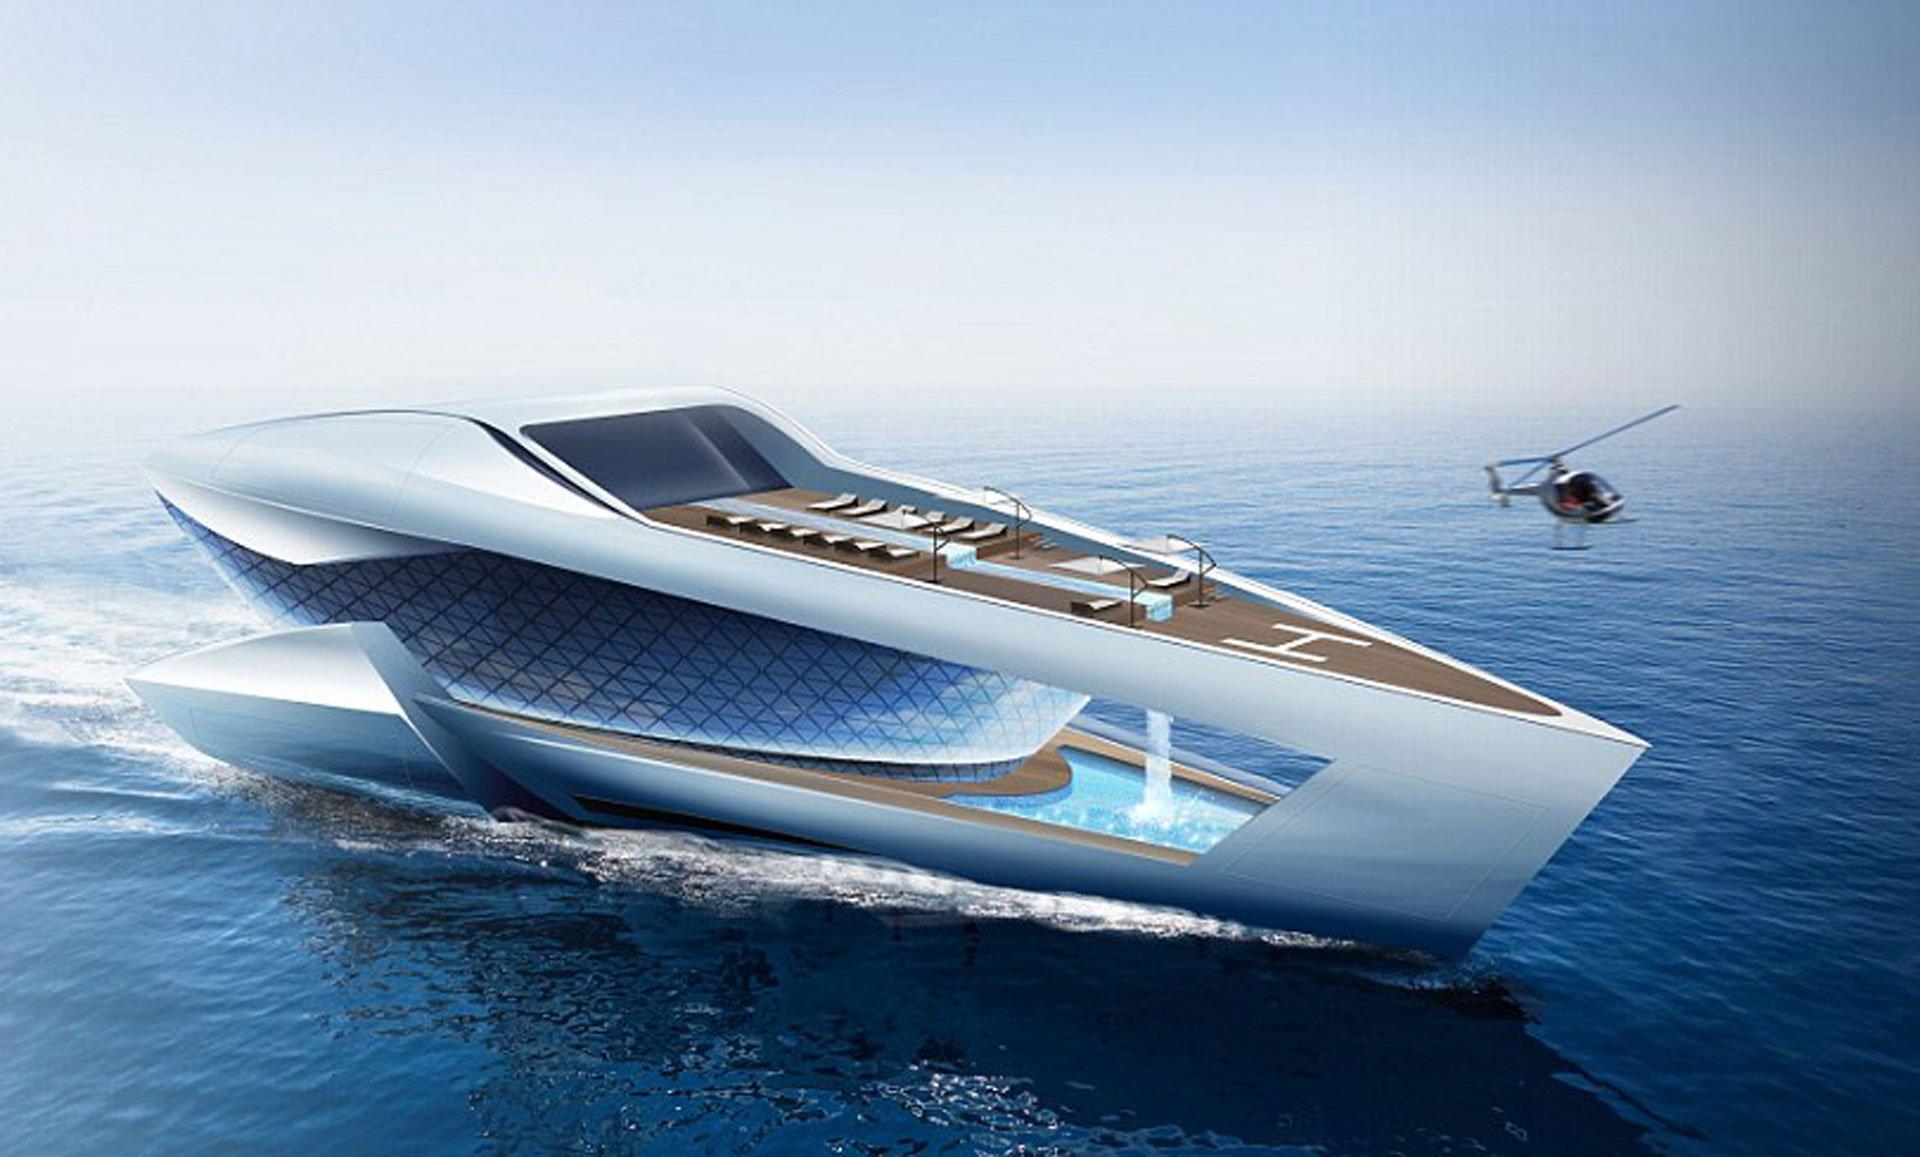 El superyate de Sea Level tendrá una cascada propia y los más increíbles lujos